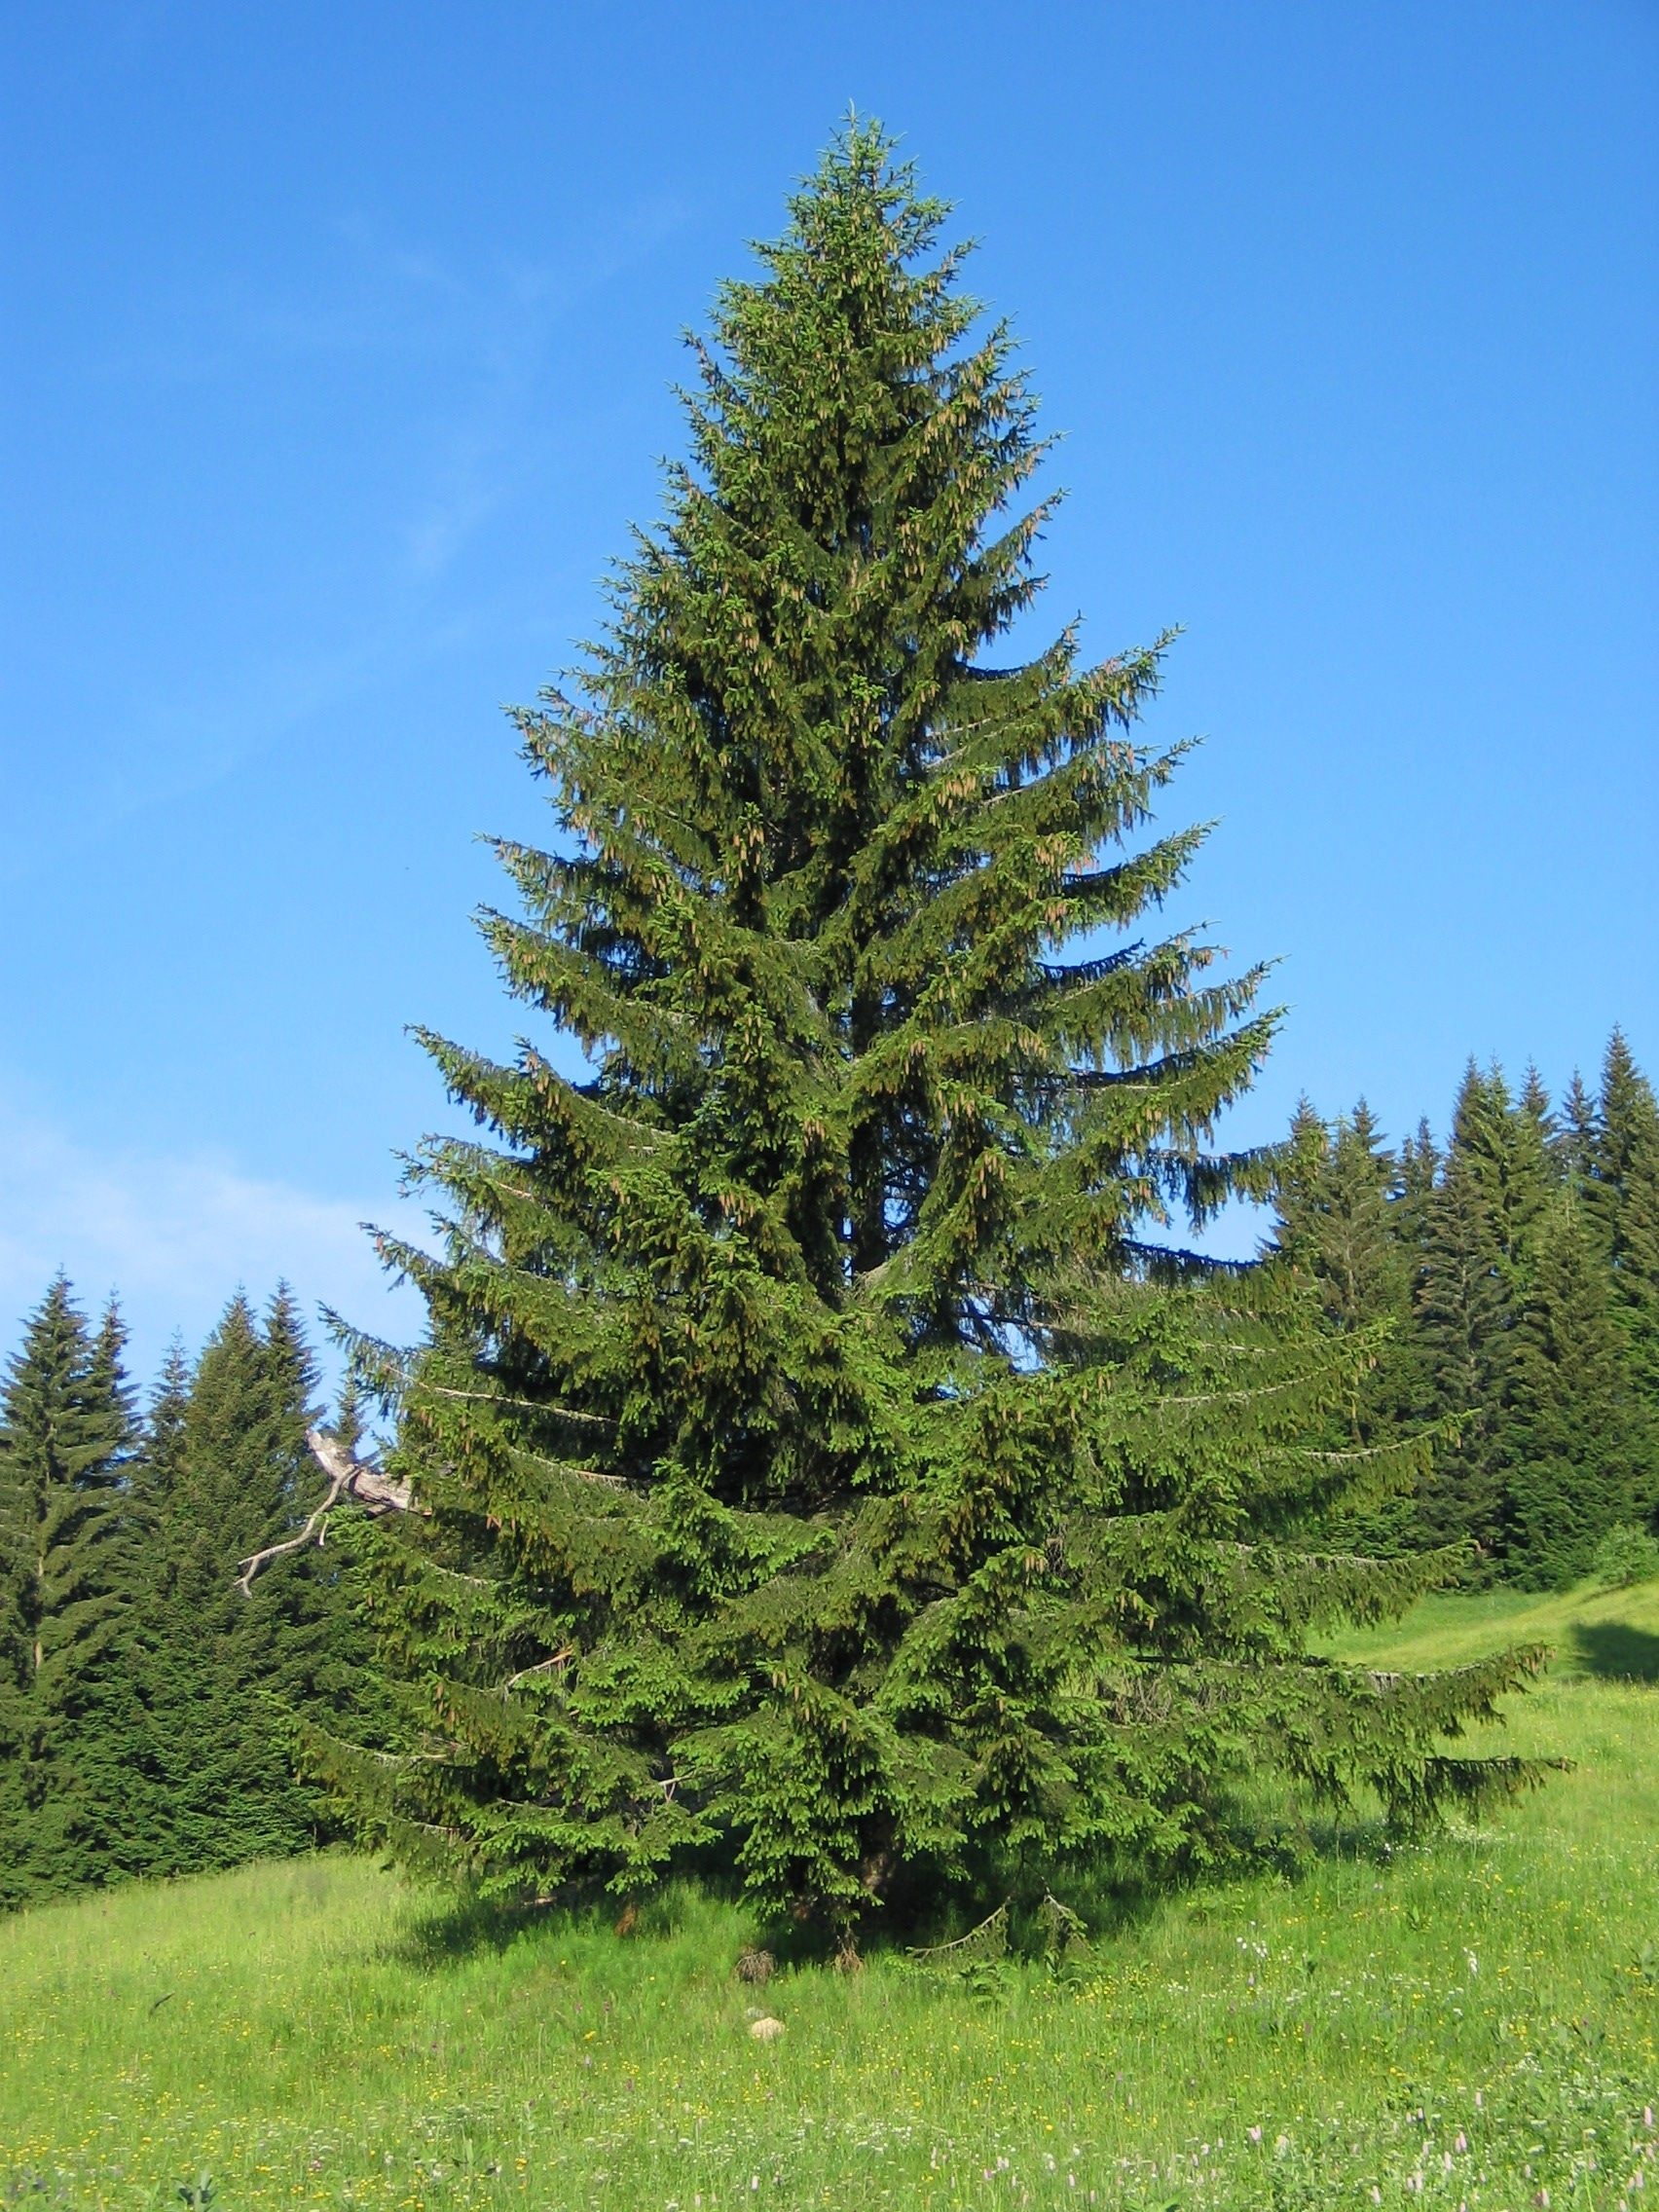 Чем ель отличается от елки? 14 фото это разные деревья или нет? отличия по размеру иголок и другим параметрам